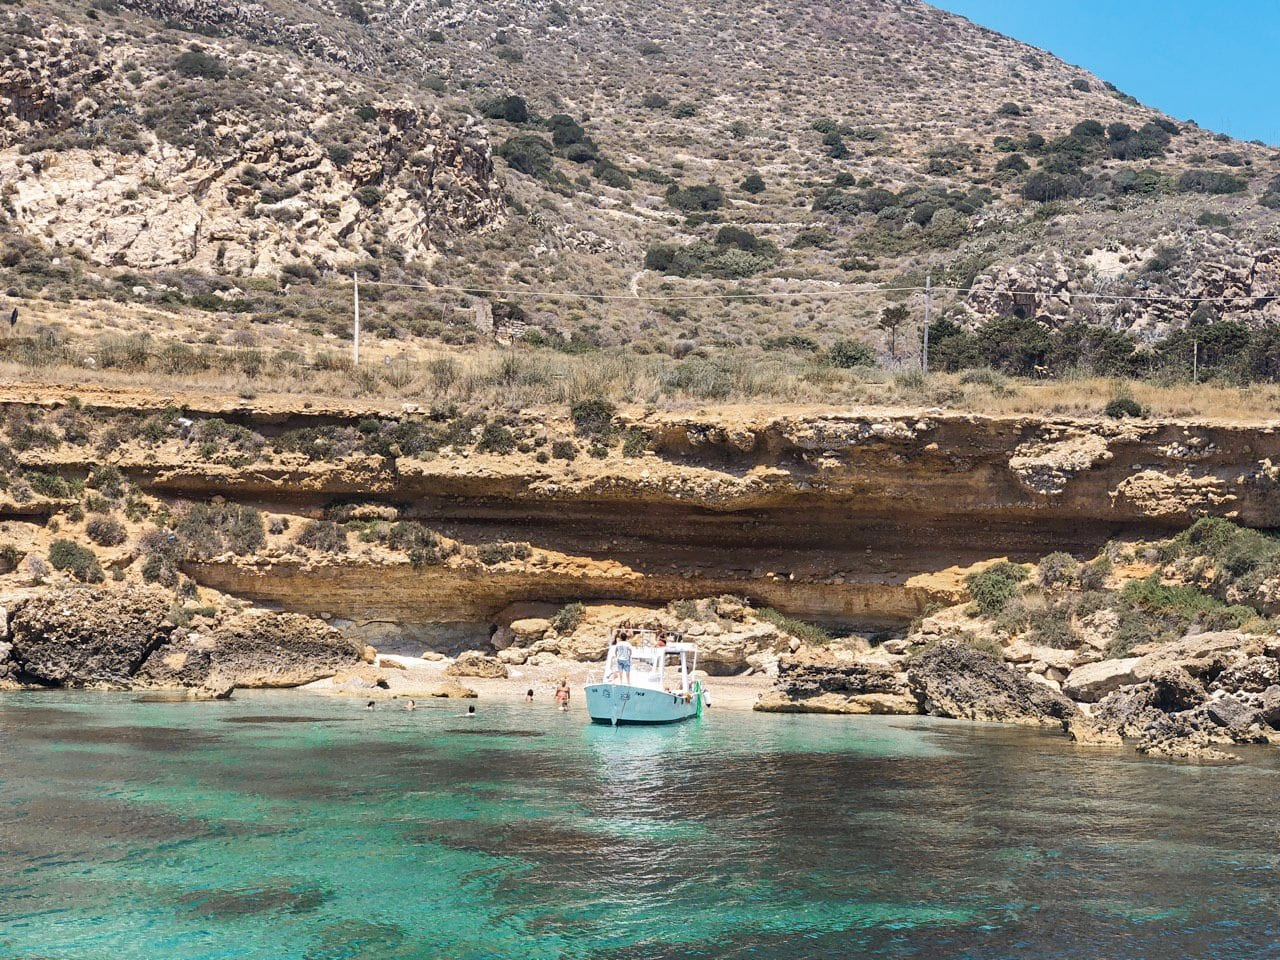 barco parado em praia deserta favignana italia